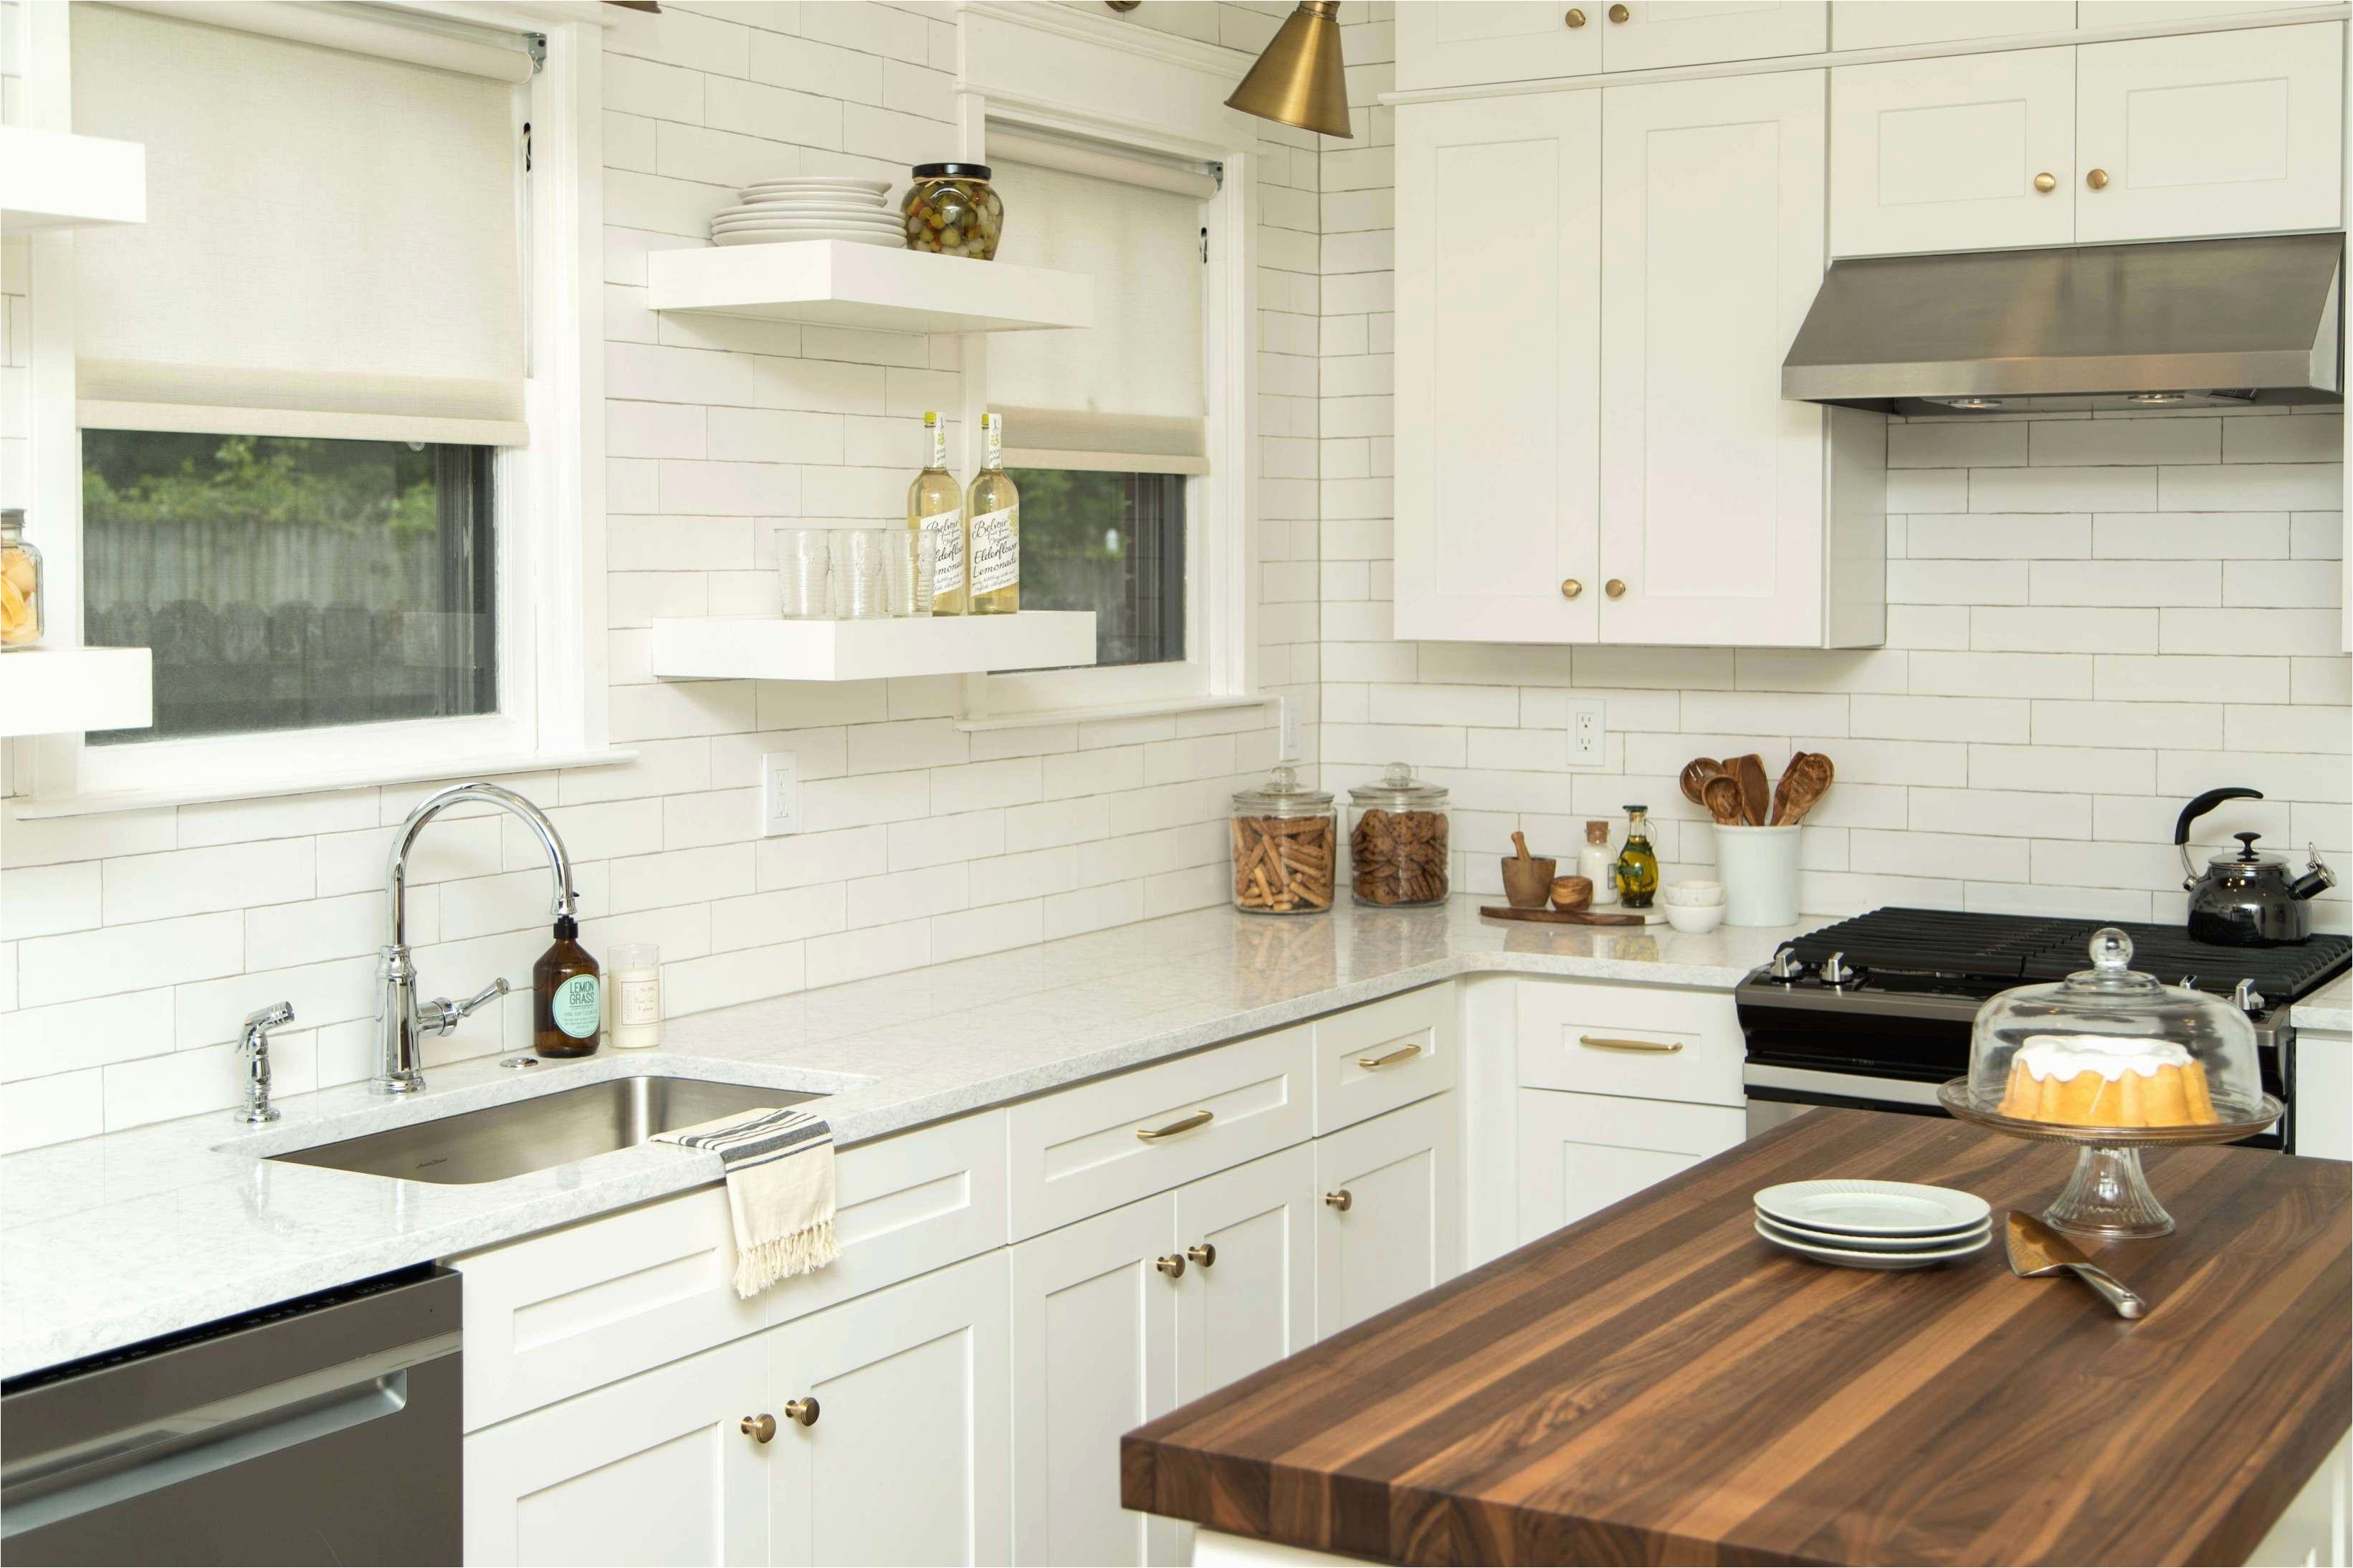 yellow kitchen ideas lovely black white yellow kitchen fresh morden kitchen design kitchen of 29 beautiful